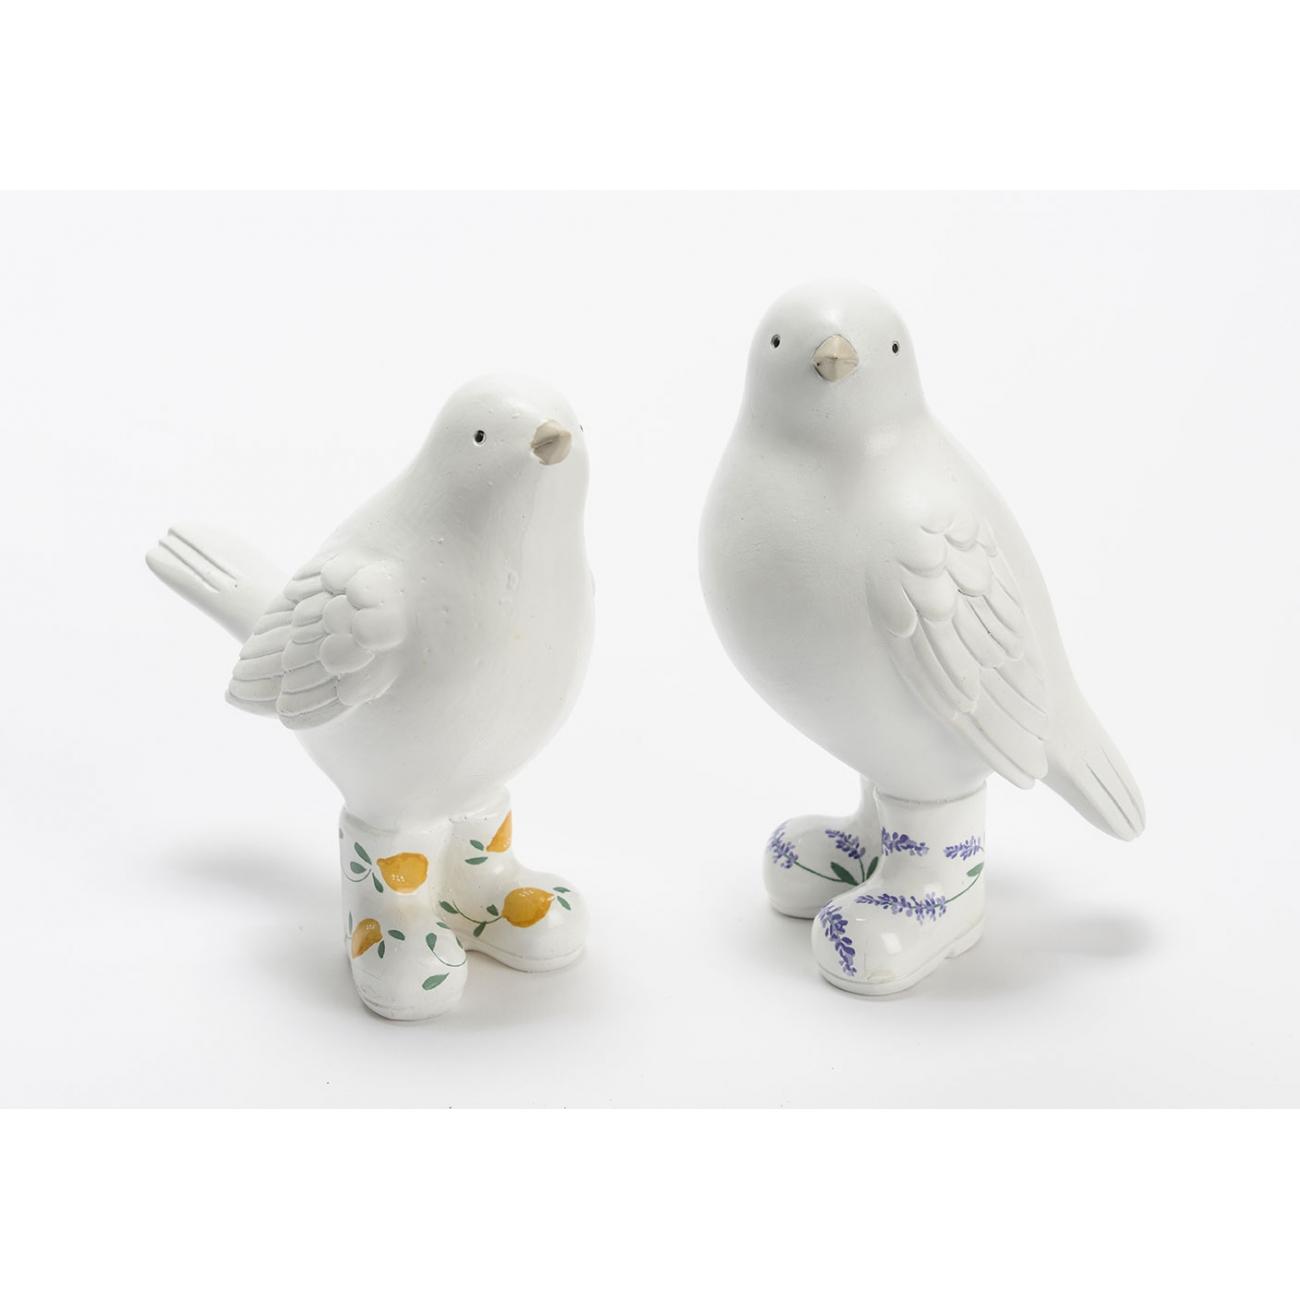 Статуэтки птицы  AMADEUS набор из двух птичек белом цвете в сапожках высота 15 см Франция